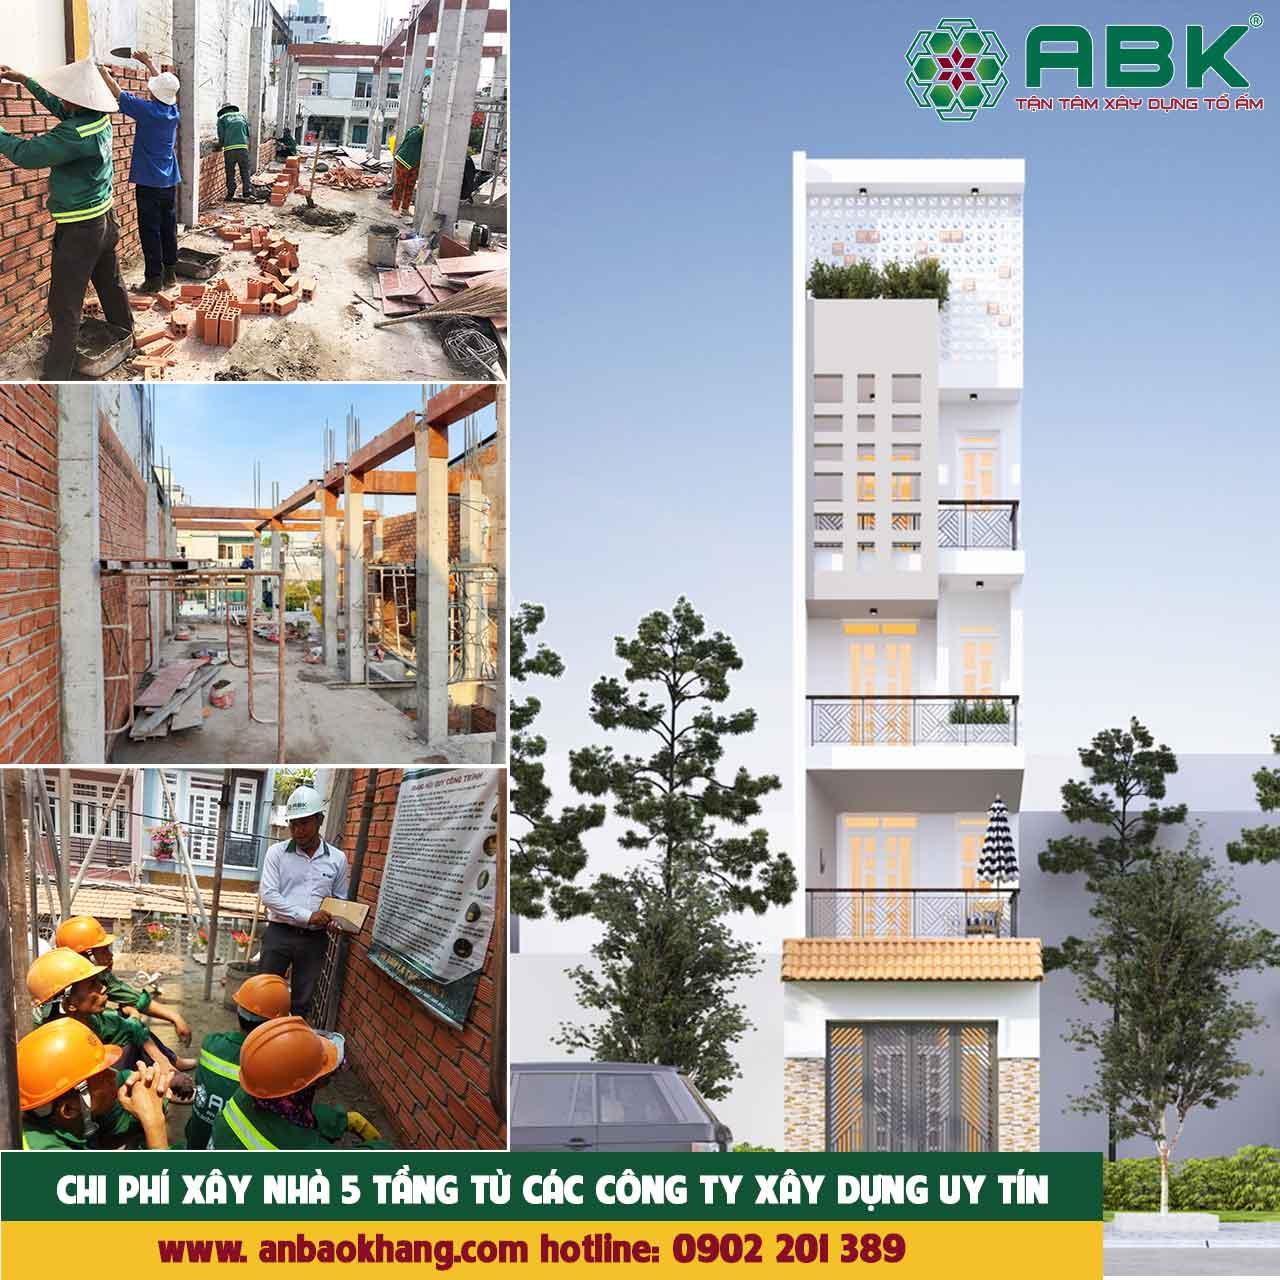 Chi phí xây nhà 5 tầng 110m2